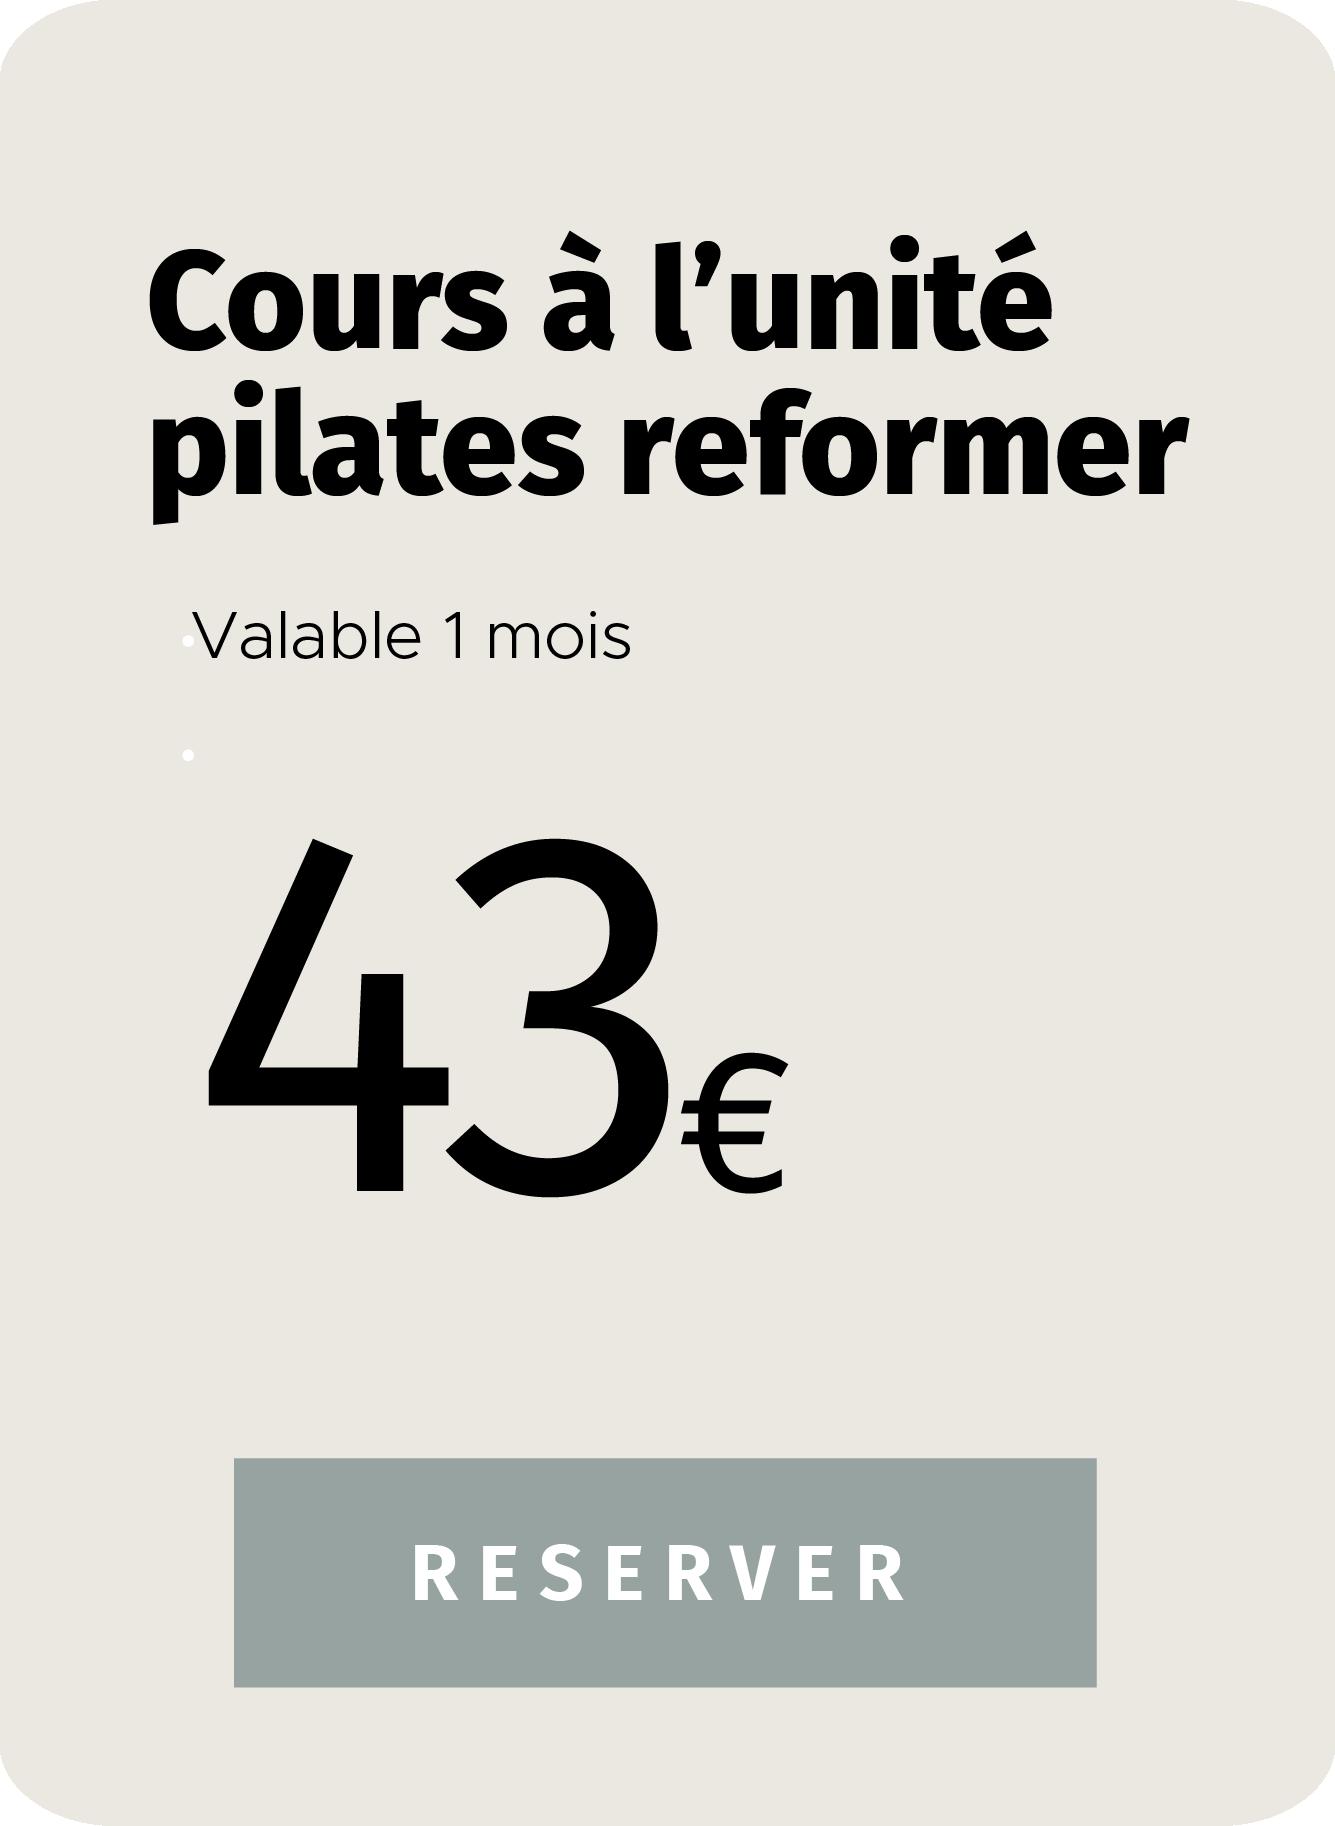 cours-pilates-reformer-unite-studio-paris-2